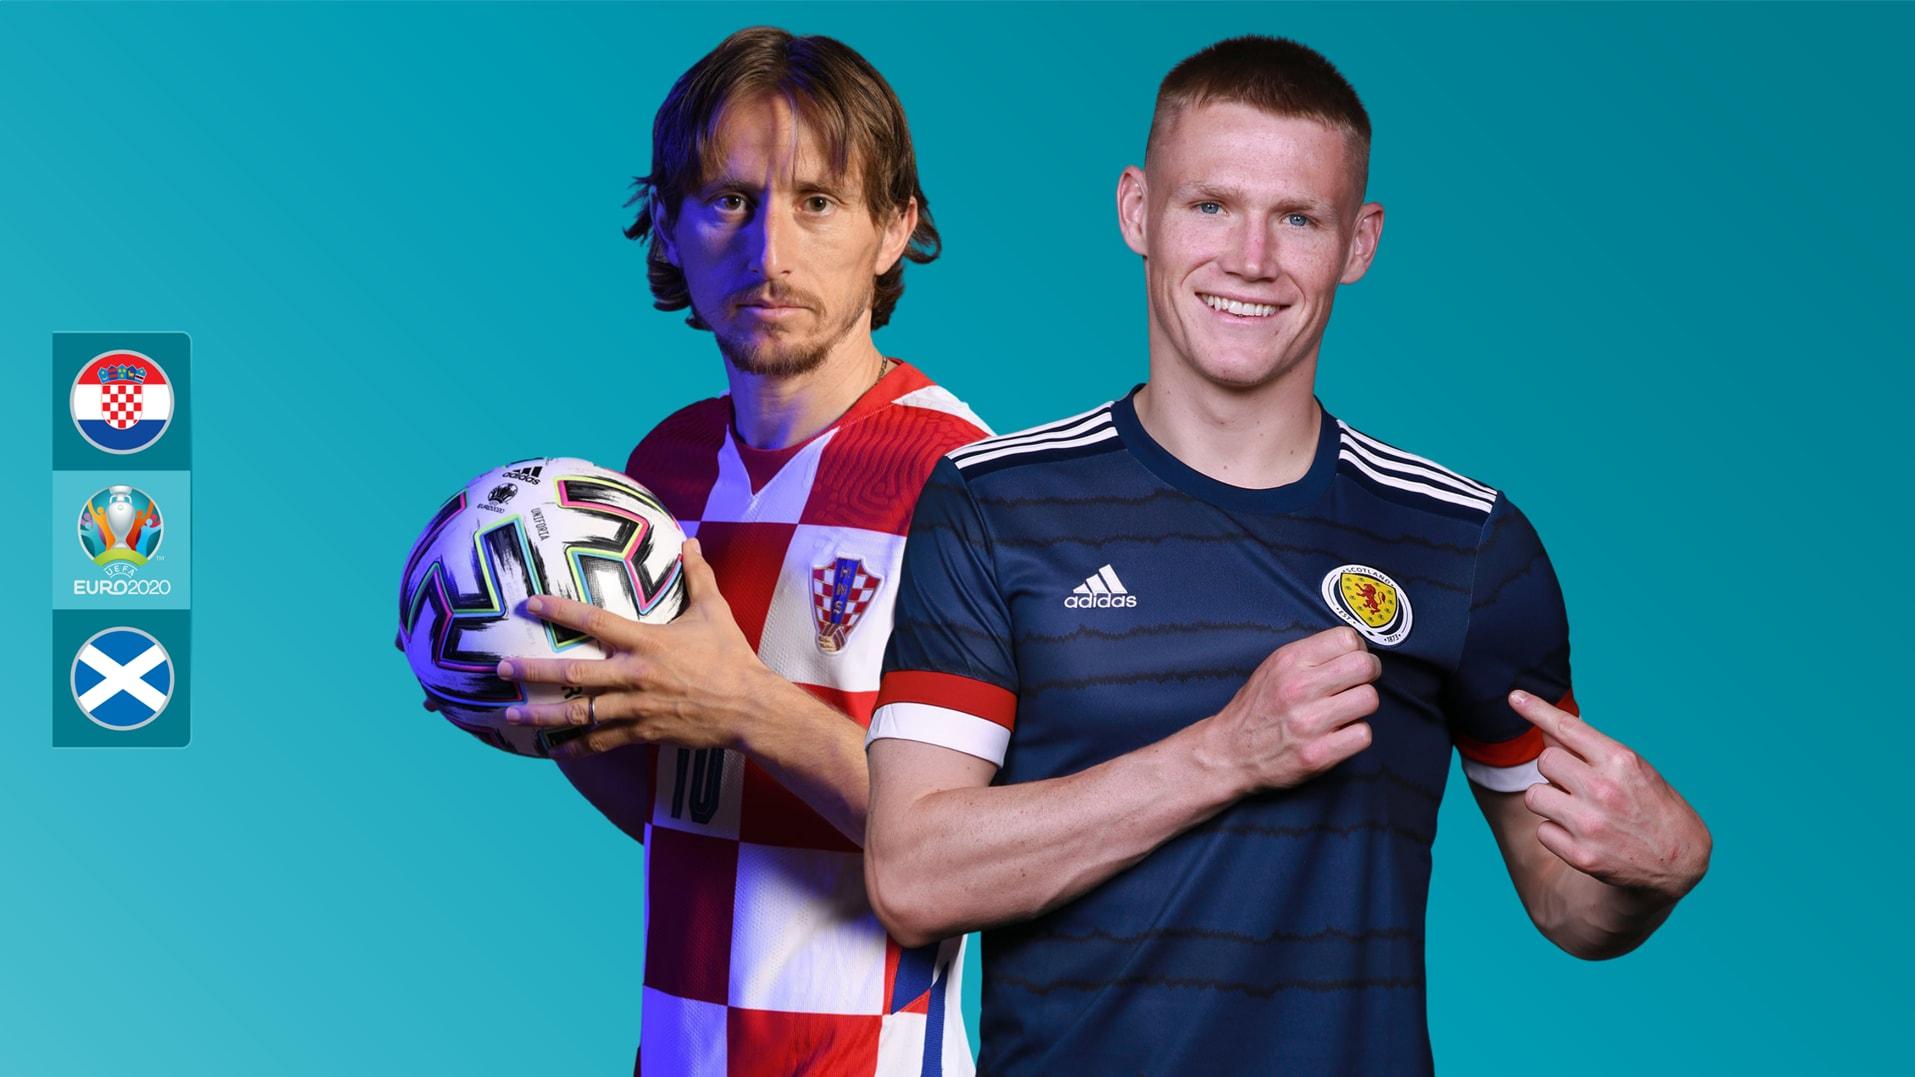 تشكيل مباراة كرواتيا أمام اسكتلندا في يورو 2020